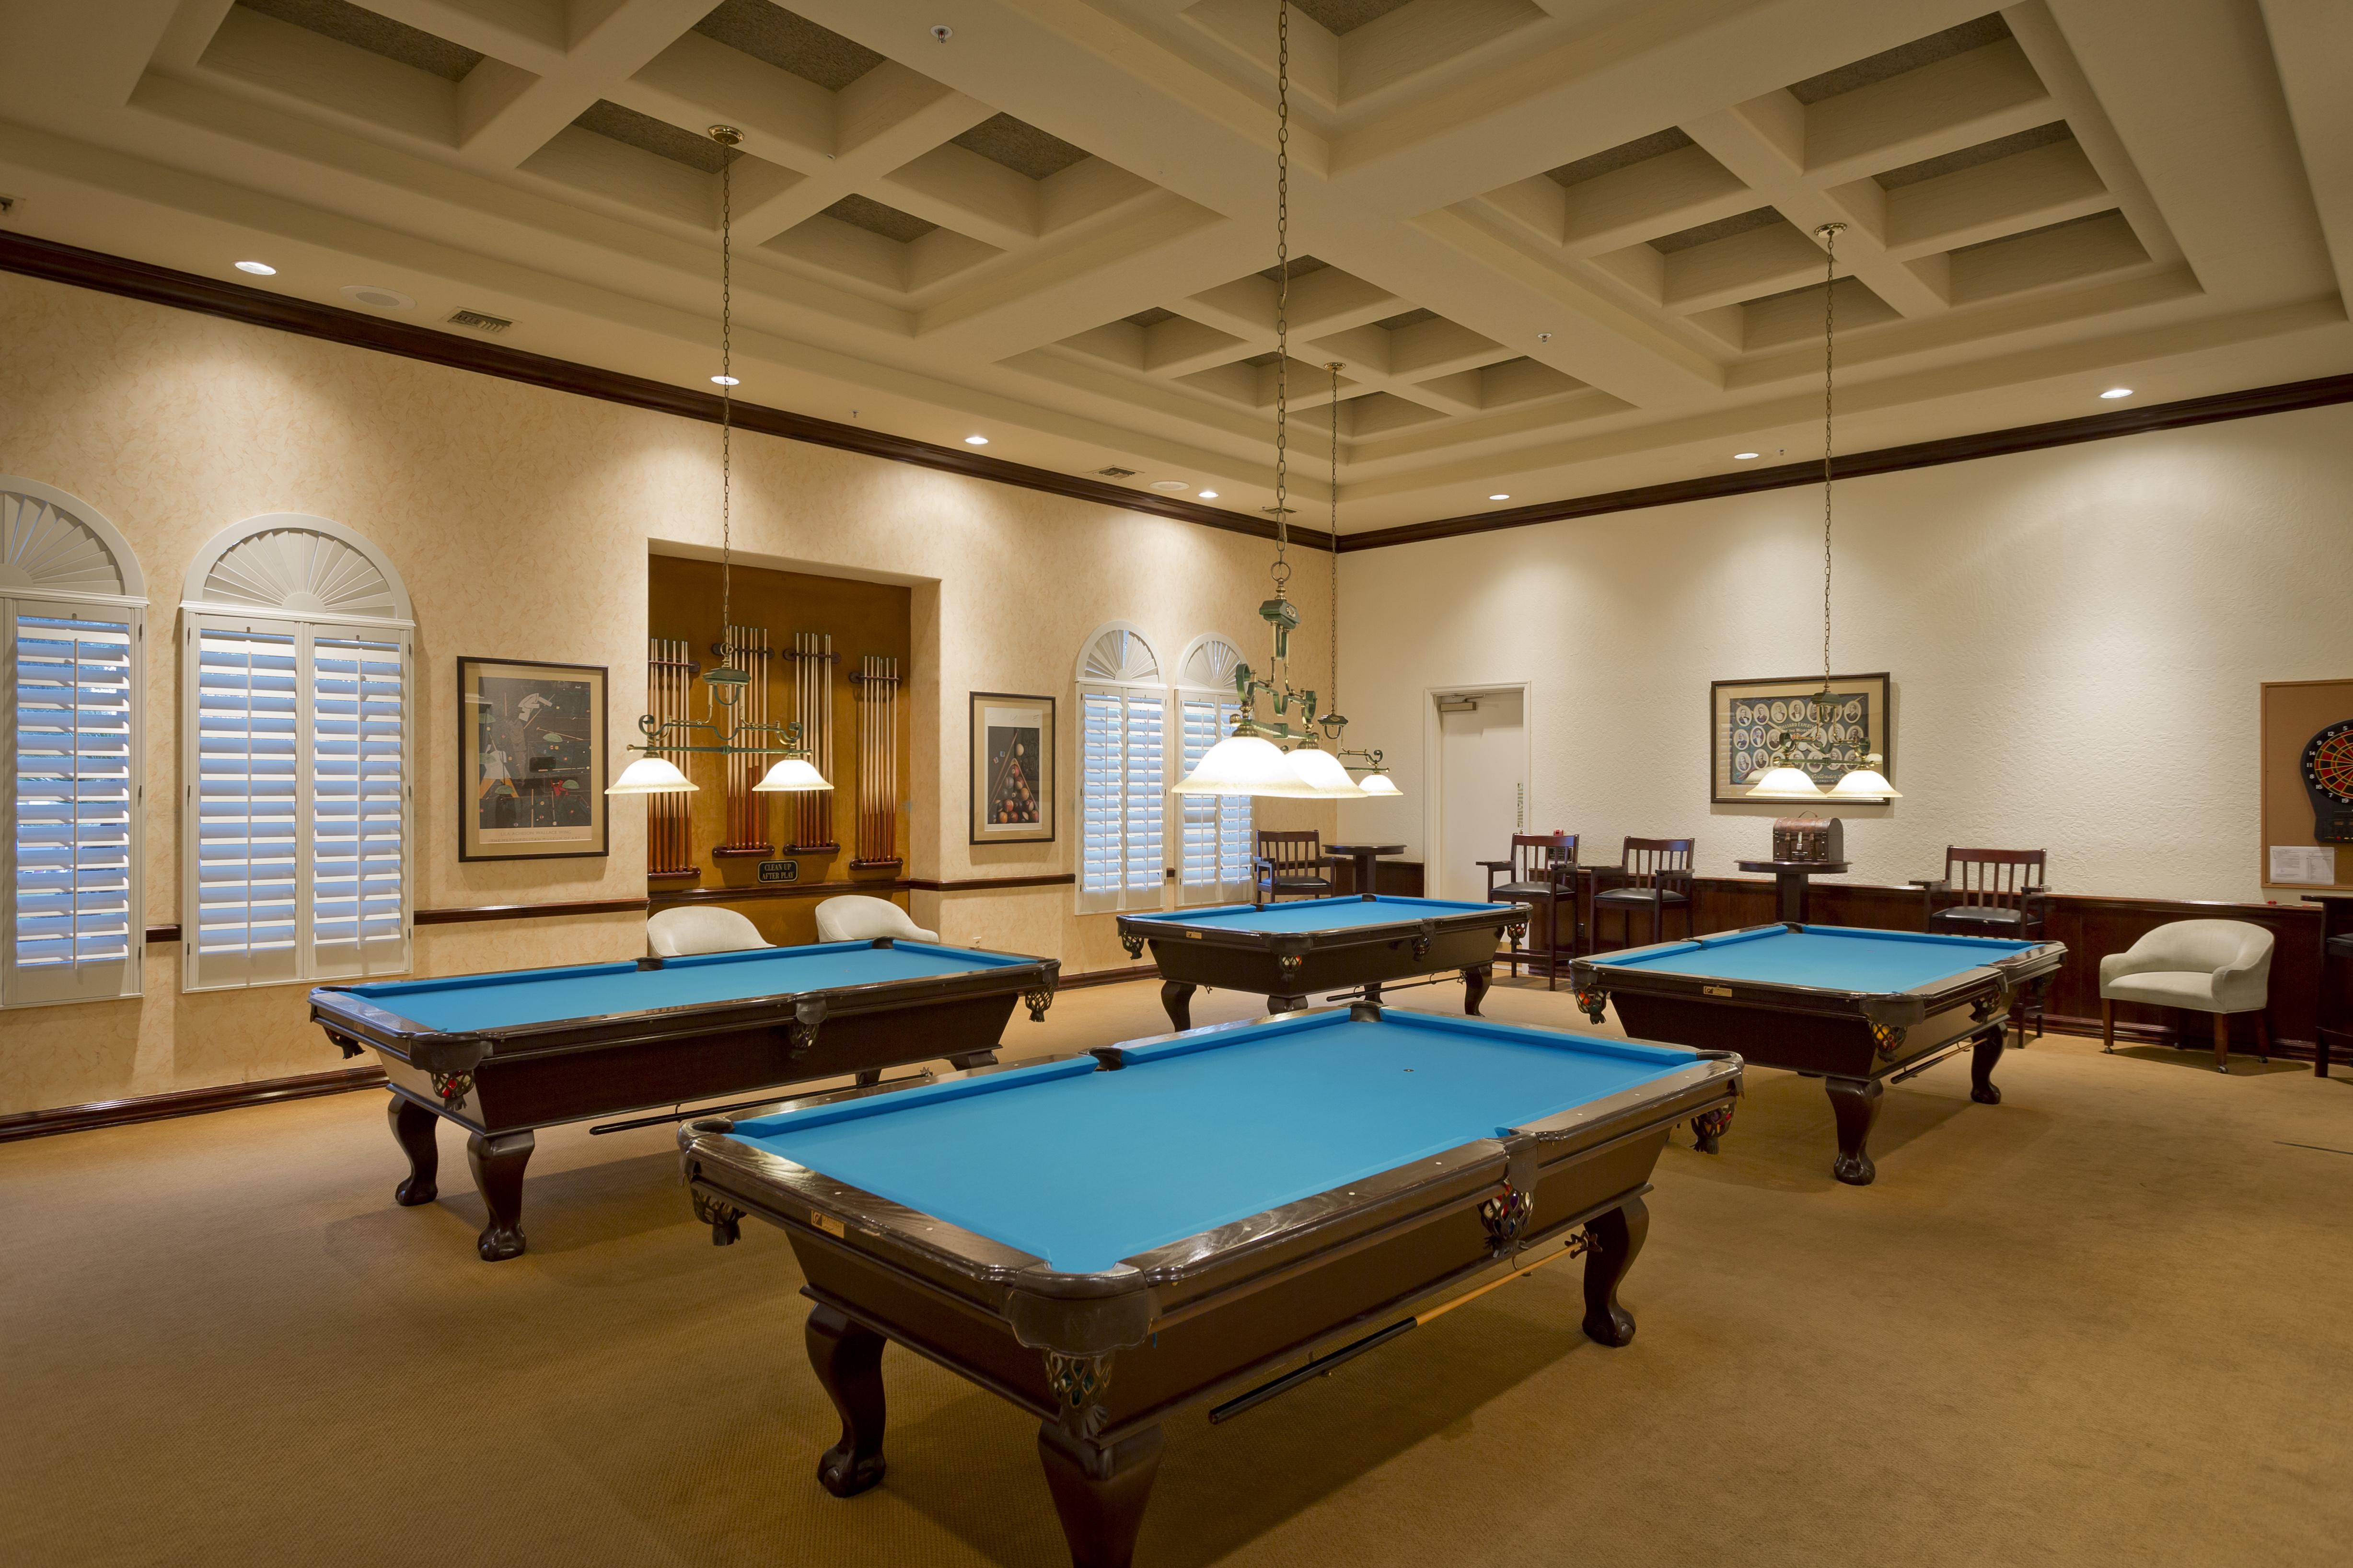 8 Oakwood Billiards Room